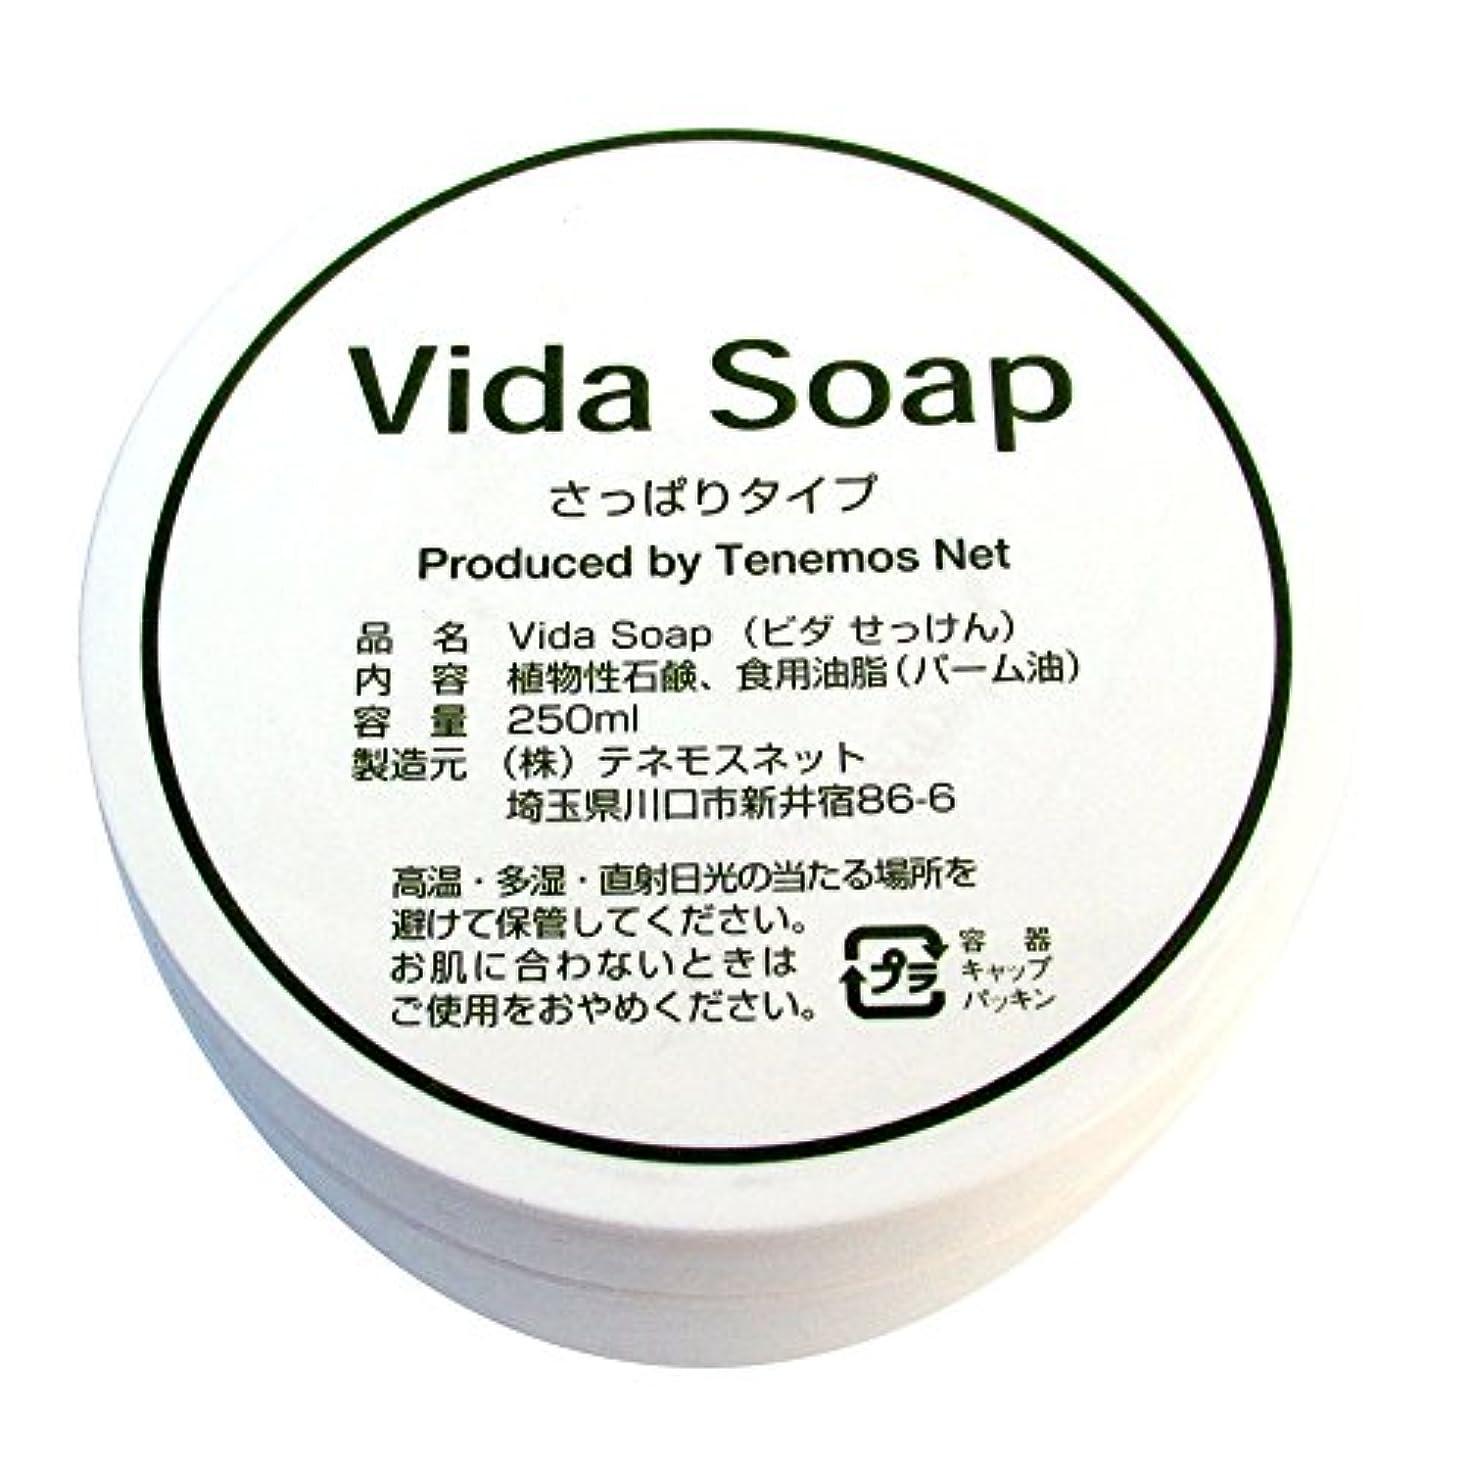 支援するスコットランド人ラインテネモス ビダせっけん Vida Soap さっぱりノーマル 植物性 250ml